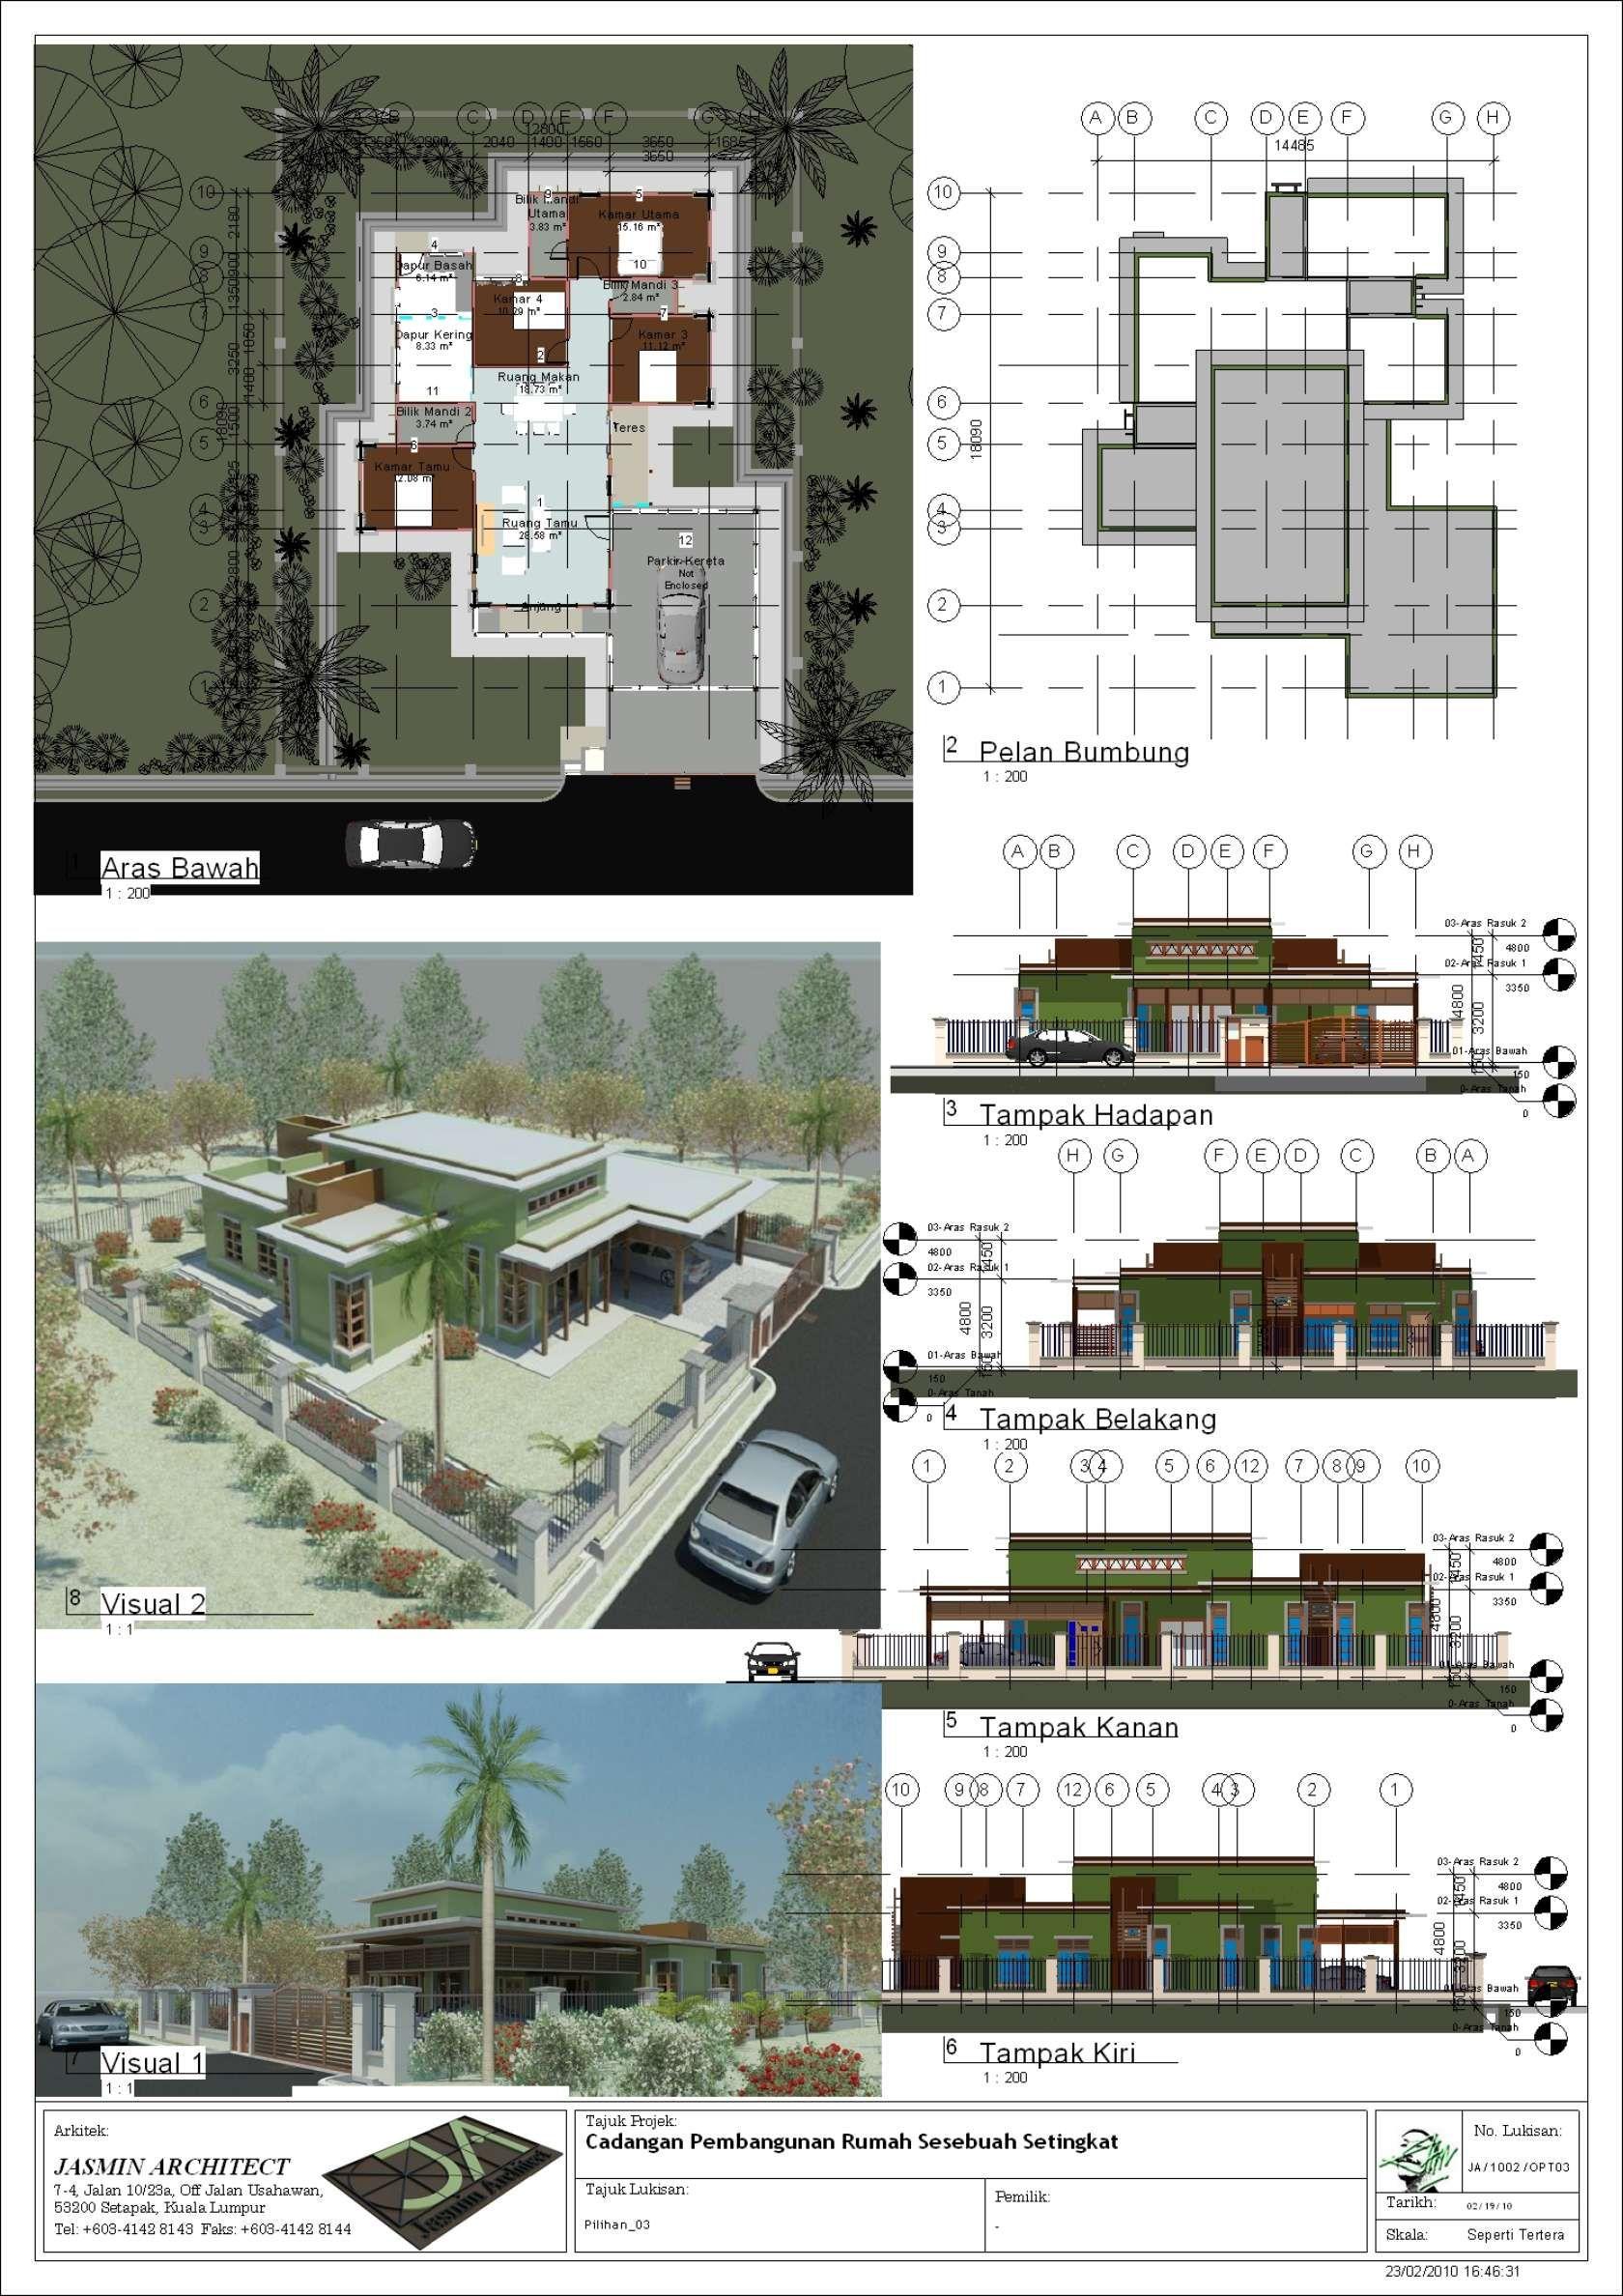 Single storey bungalows at sabak bernam selangor malaysia